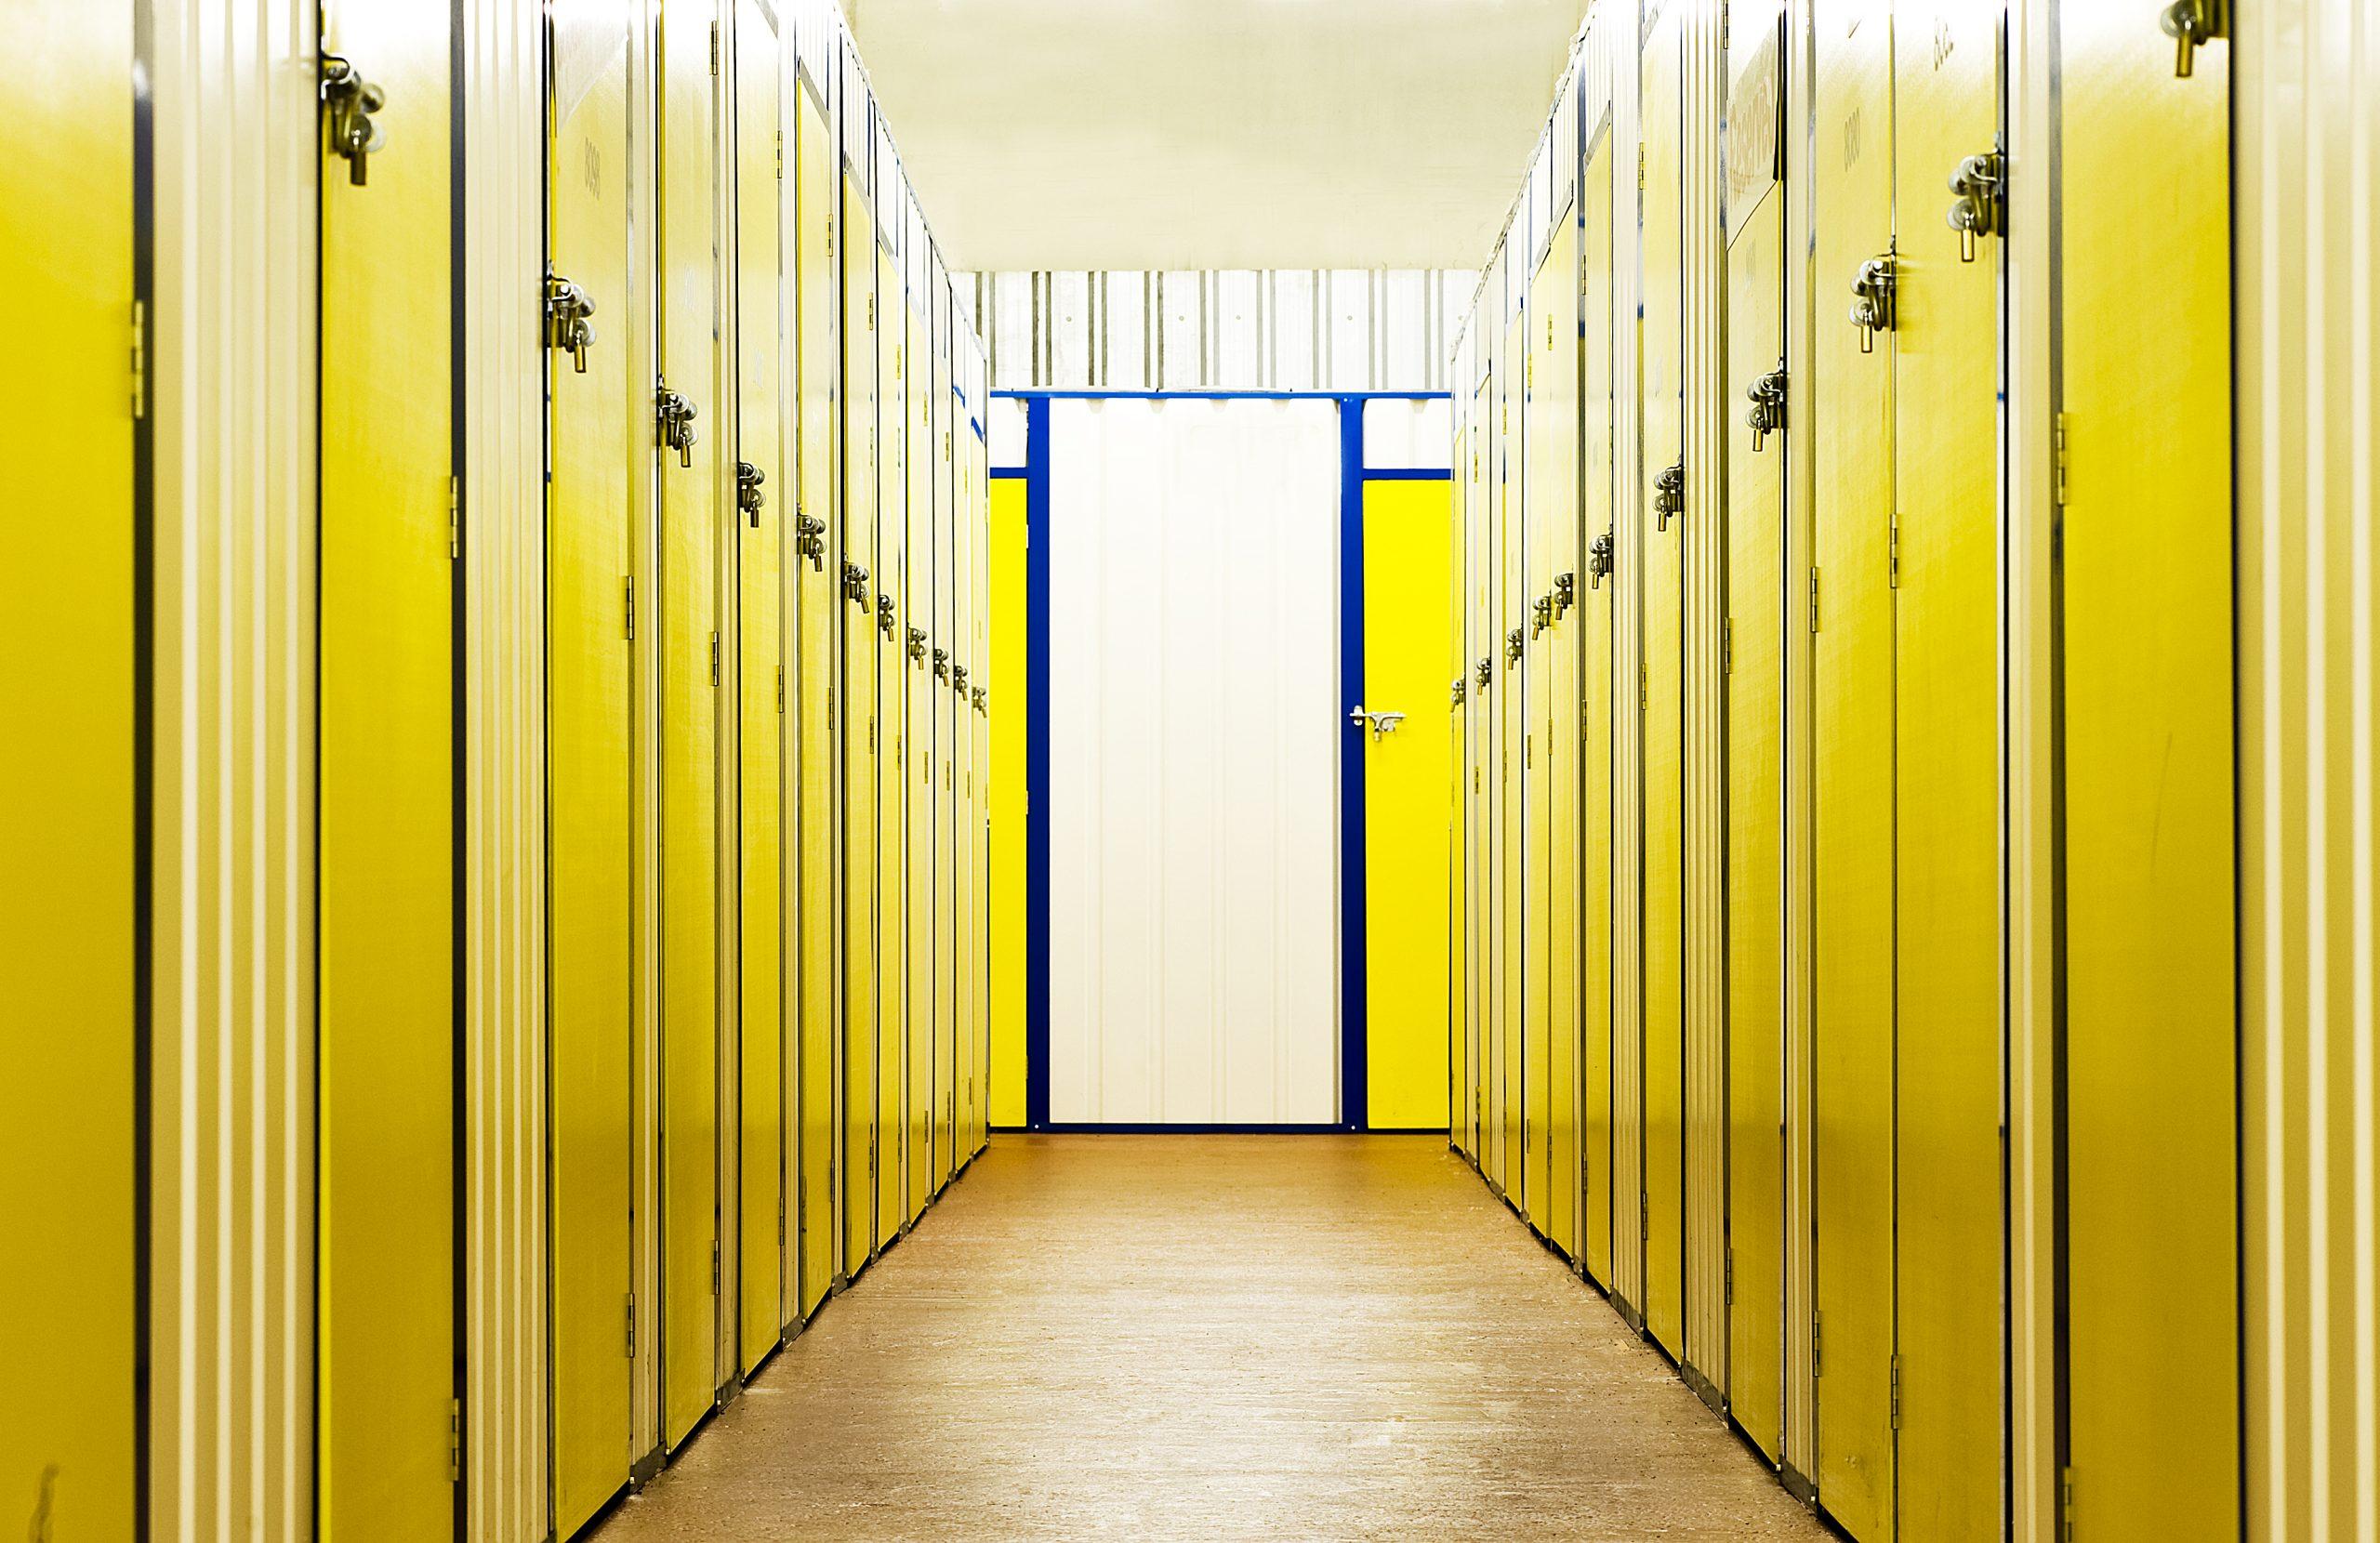 Aabsolute Self Storage - FULL 28/06/2021 a storage company in 259 Summerlee Street, Queenslie Industrial Estate, Glasgow, UK